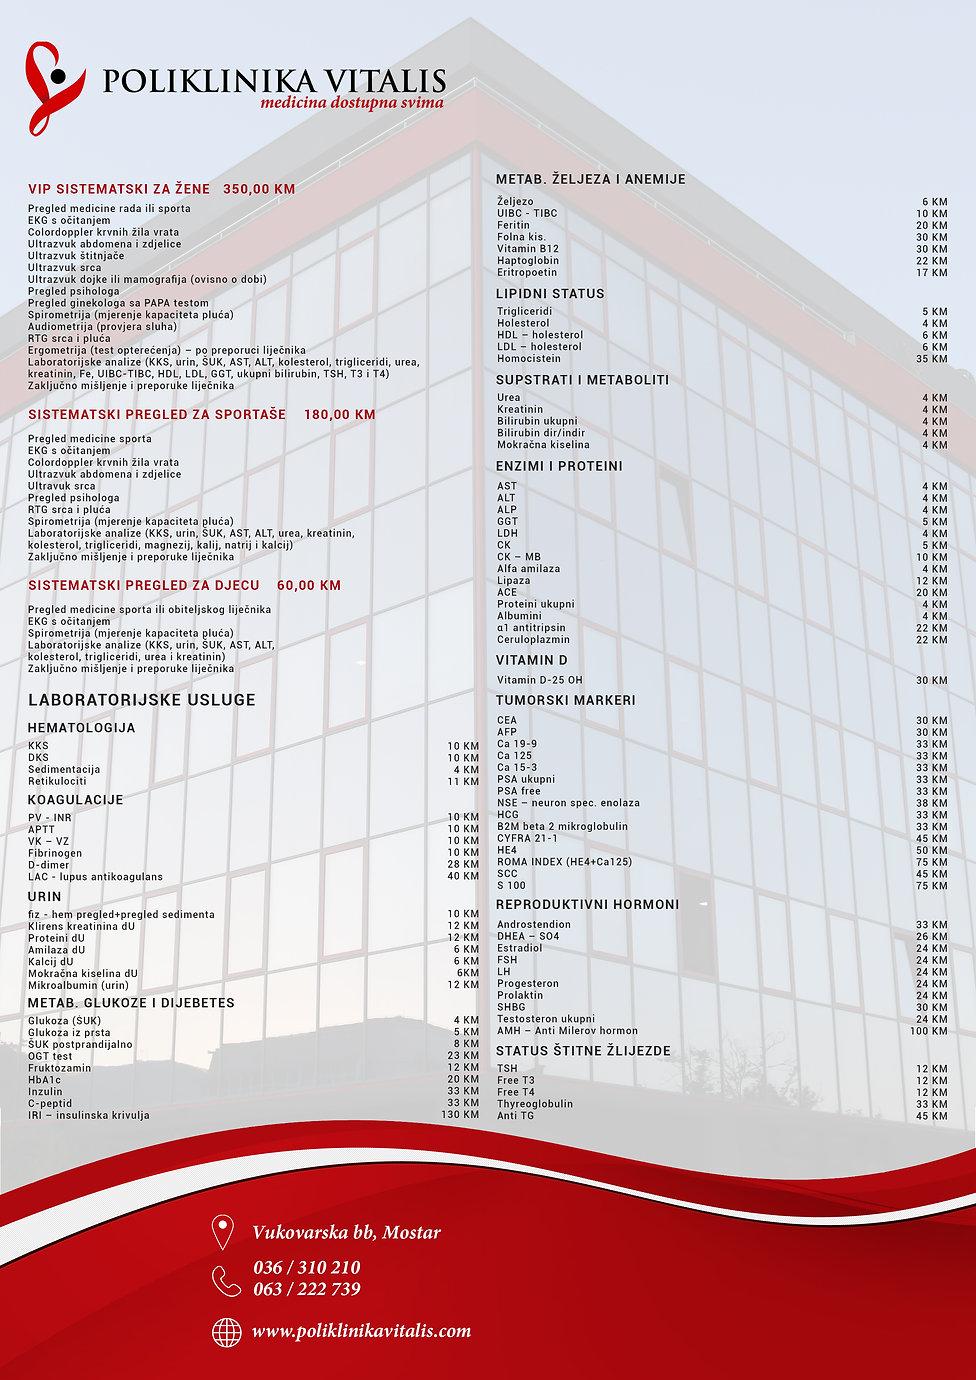 vitalis pdf cjenik stranica 4.jpg